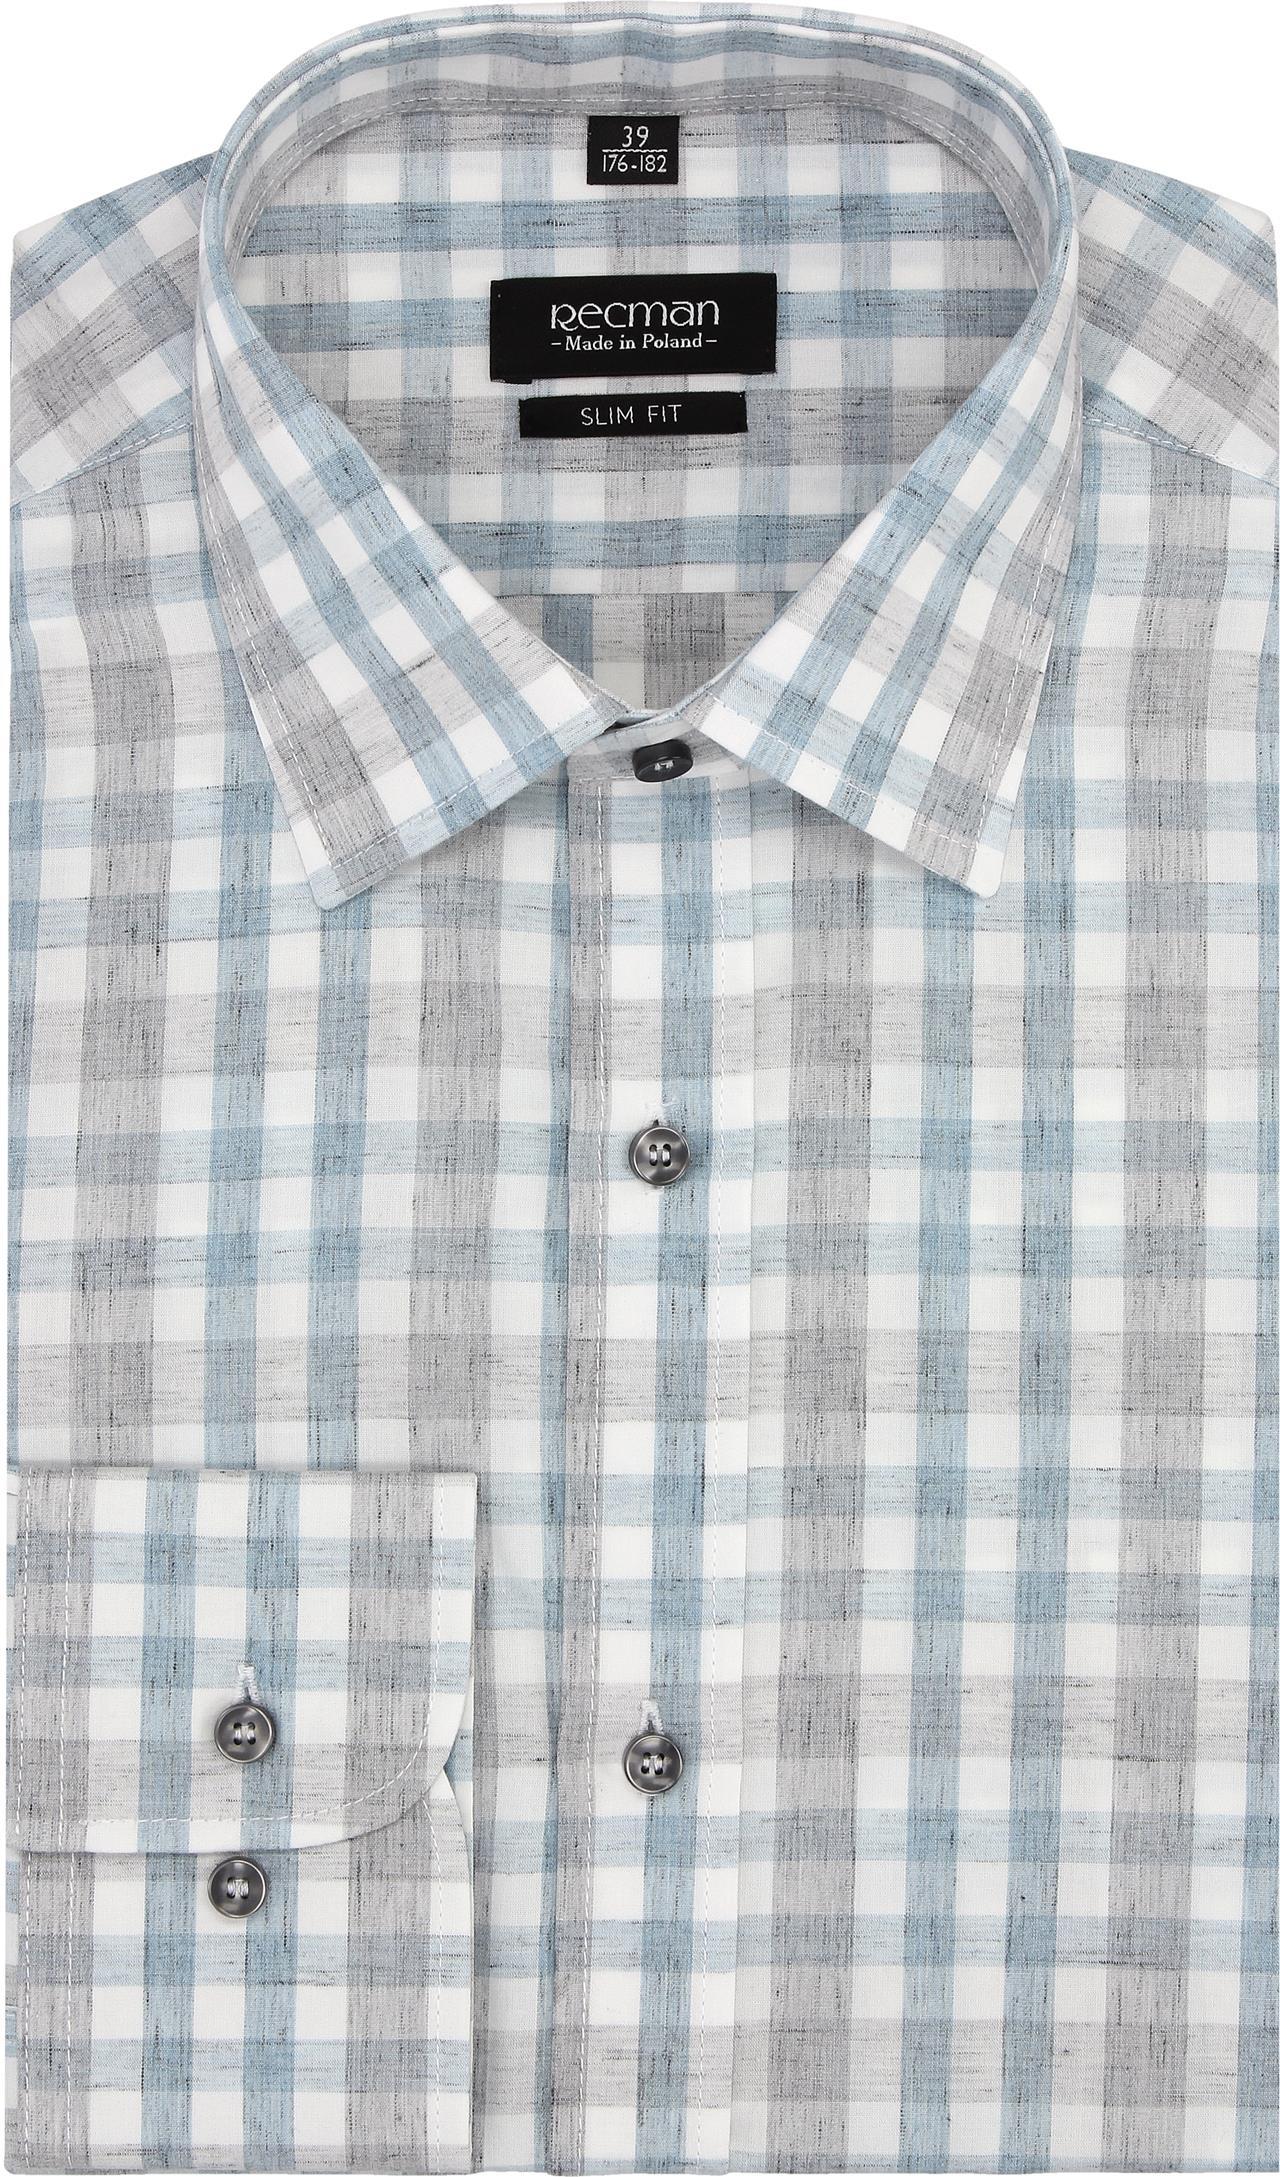 koszula versone 2741 długi rękaw slim fit niebieski